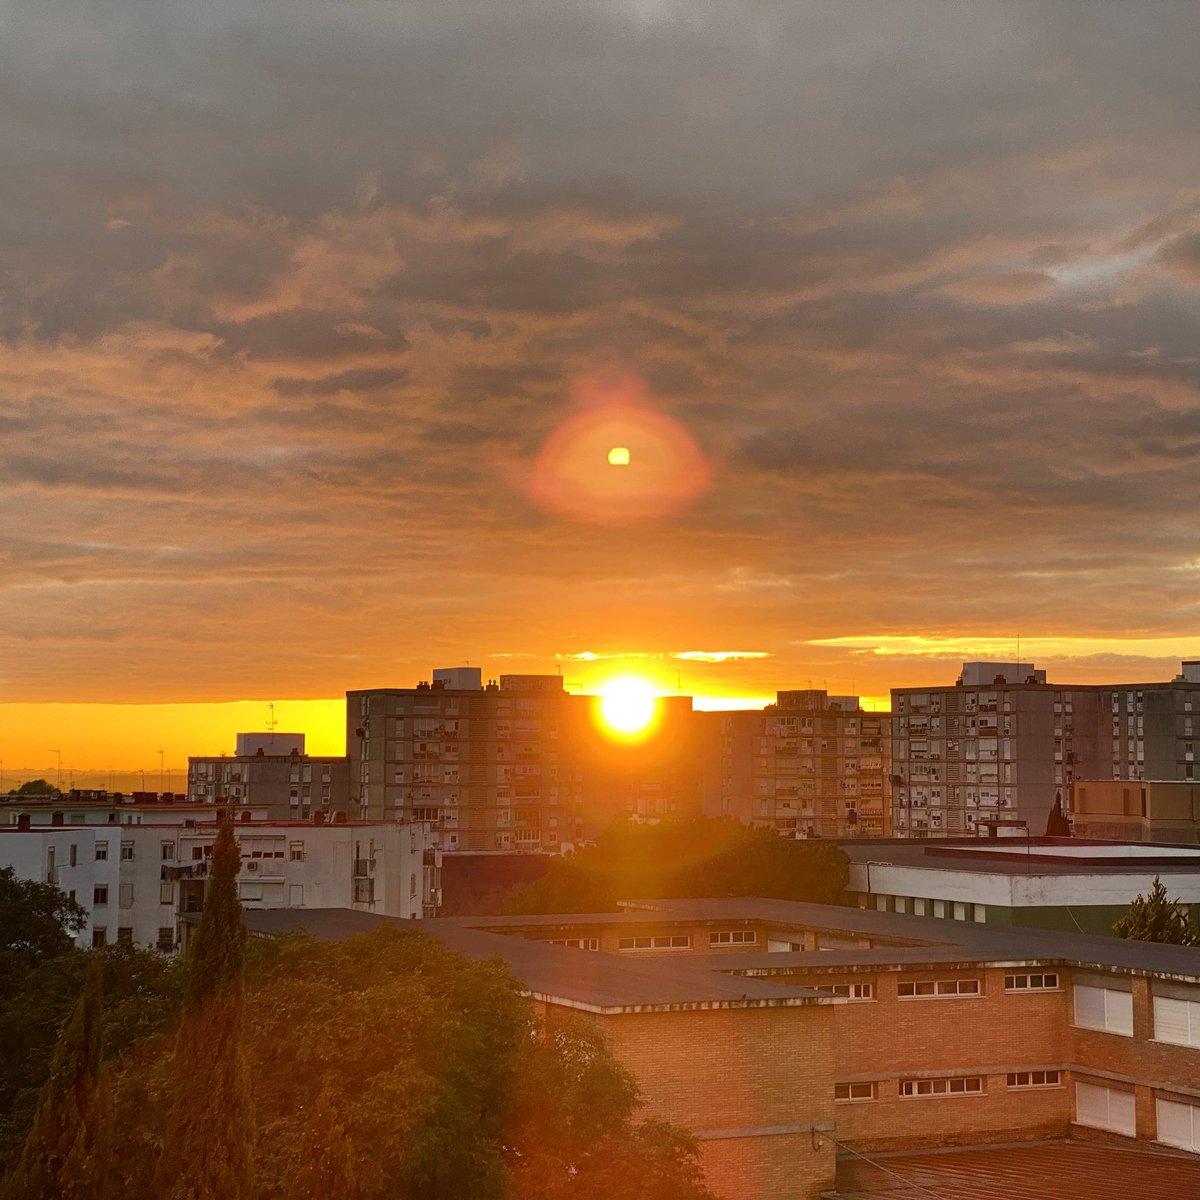 Justo en el momento en que el #sol se esconde del mundo como si nunca se hubiera levantado de su trono en el #cielo #puestadesol #sunset #sunsetphotography #sunsetlovers #photographer #photography #pictureoftheday #amazingview #instagood #andalucia #spain #picsartpic.twitter.com/cWtfh7V8NO